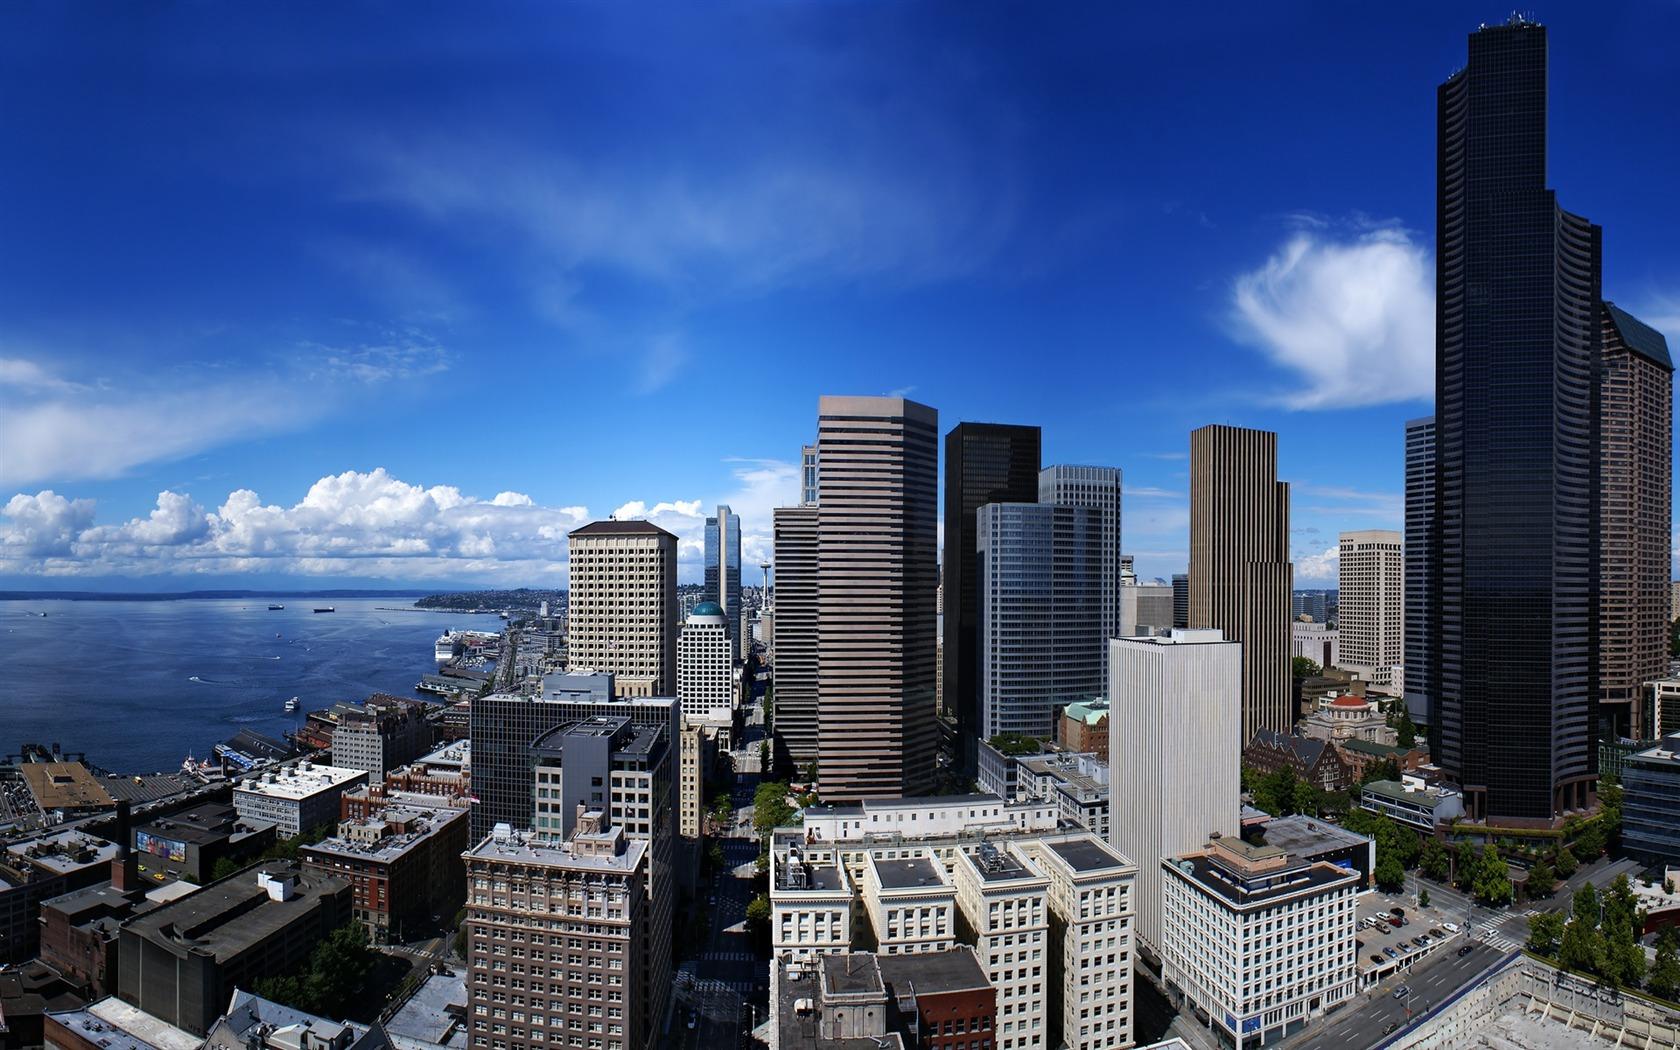 描述: 美国西雅图-摄影壁纸精选 当前壁纸尺寸: 1680 x 1050